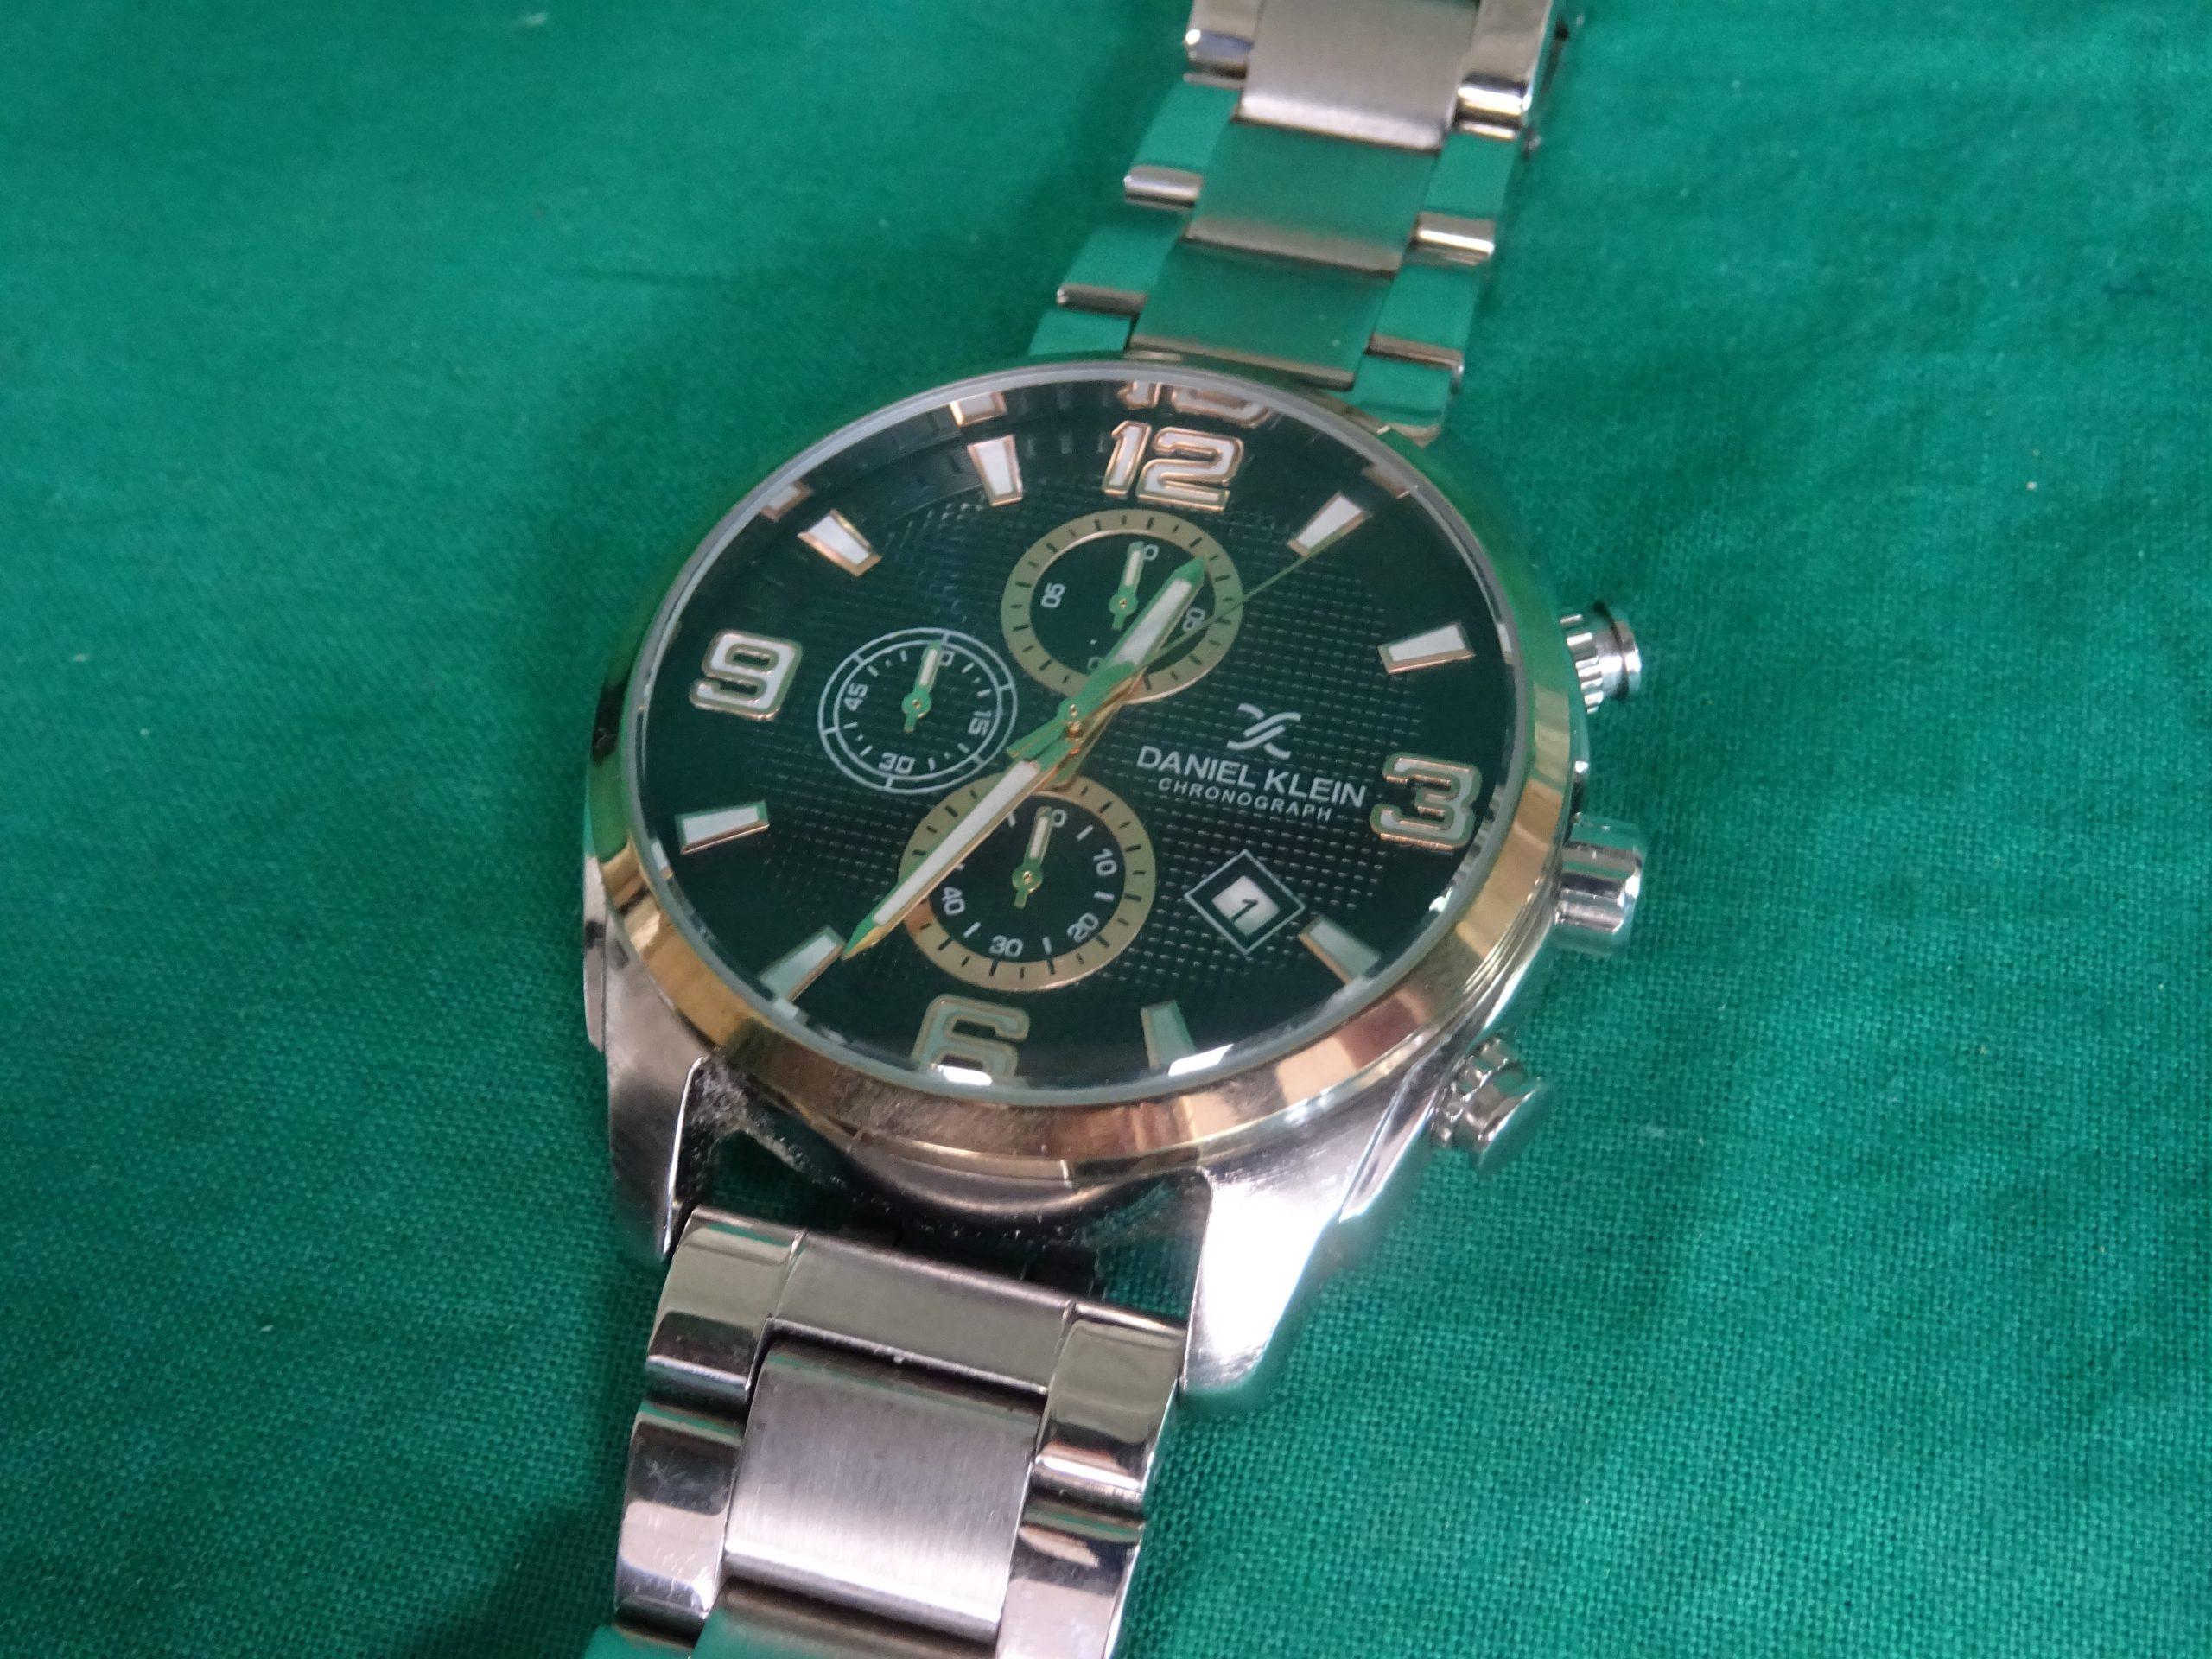 Rog strix fusion 500 gamer fejhallgató headset, kiemelt kép